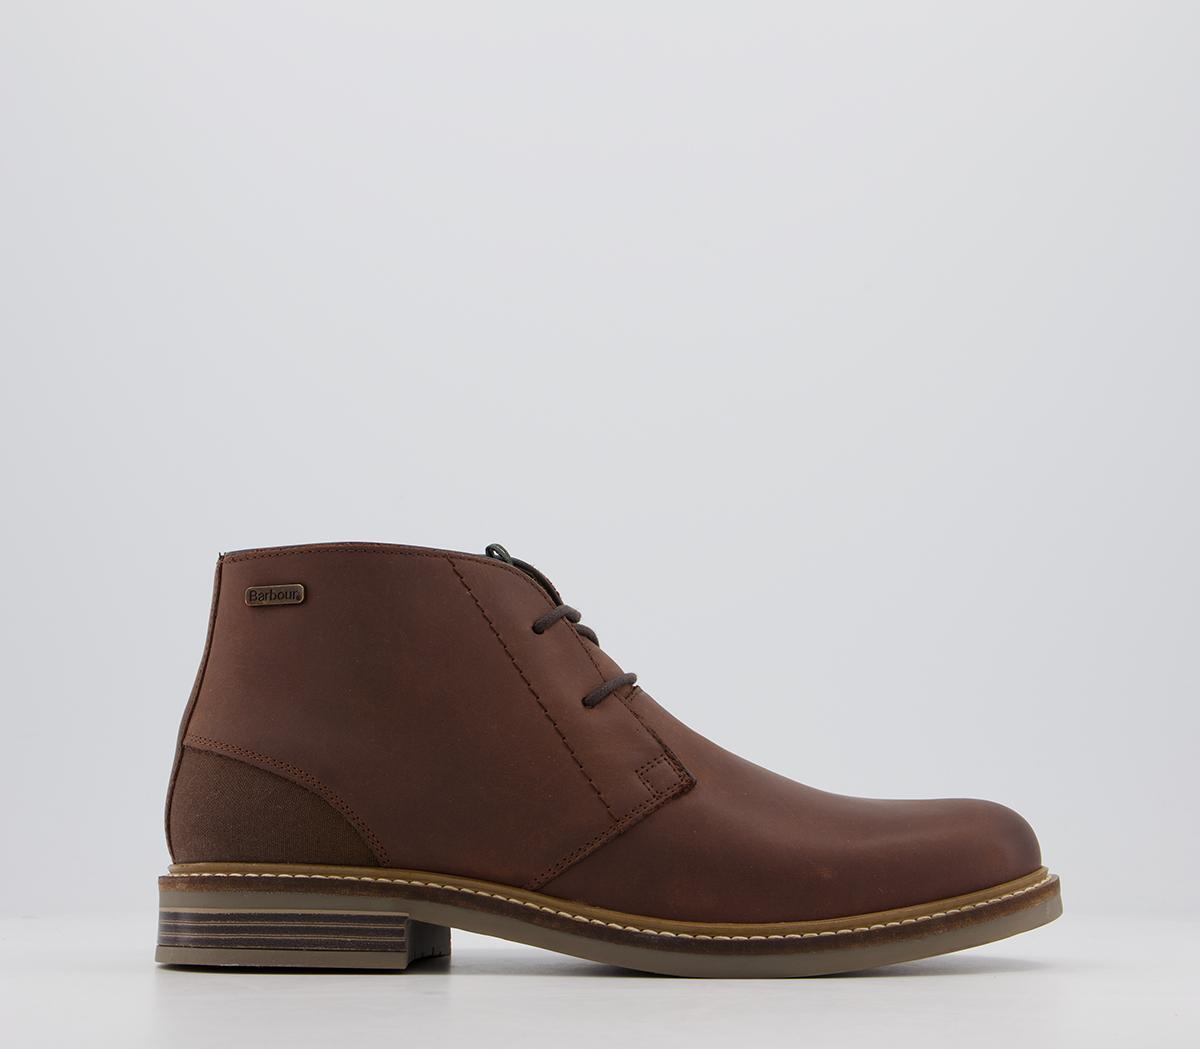 Readhead Chukka Boots